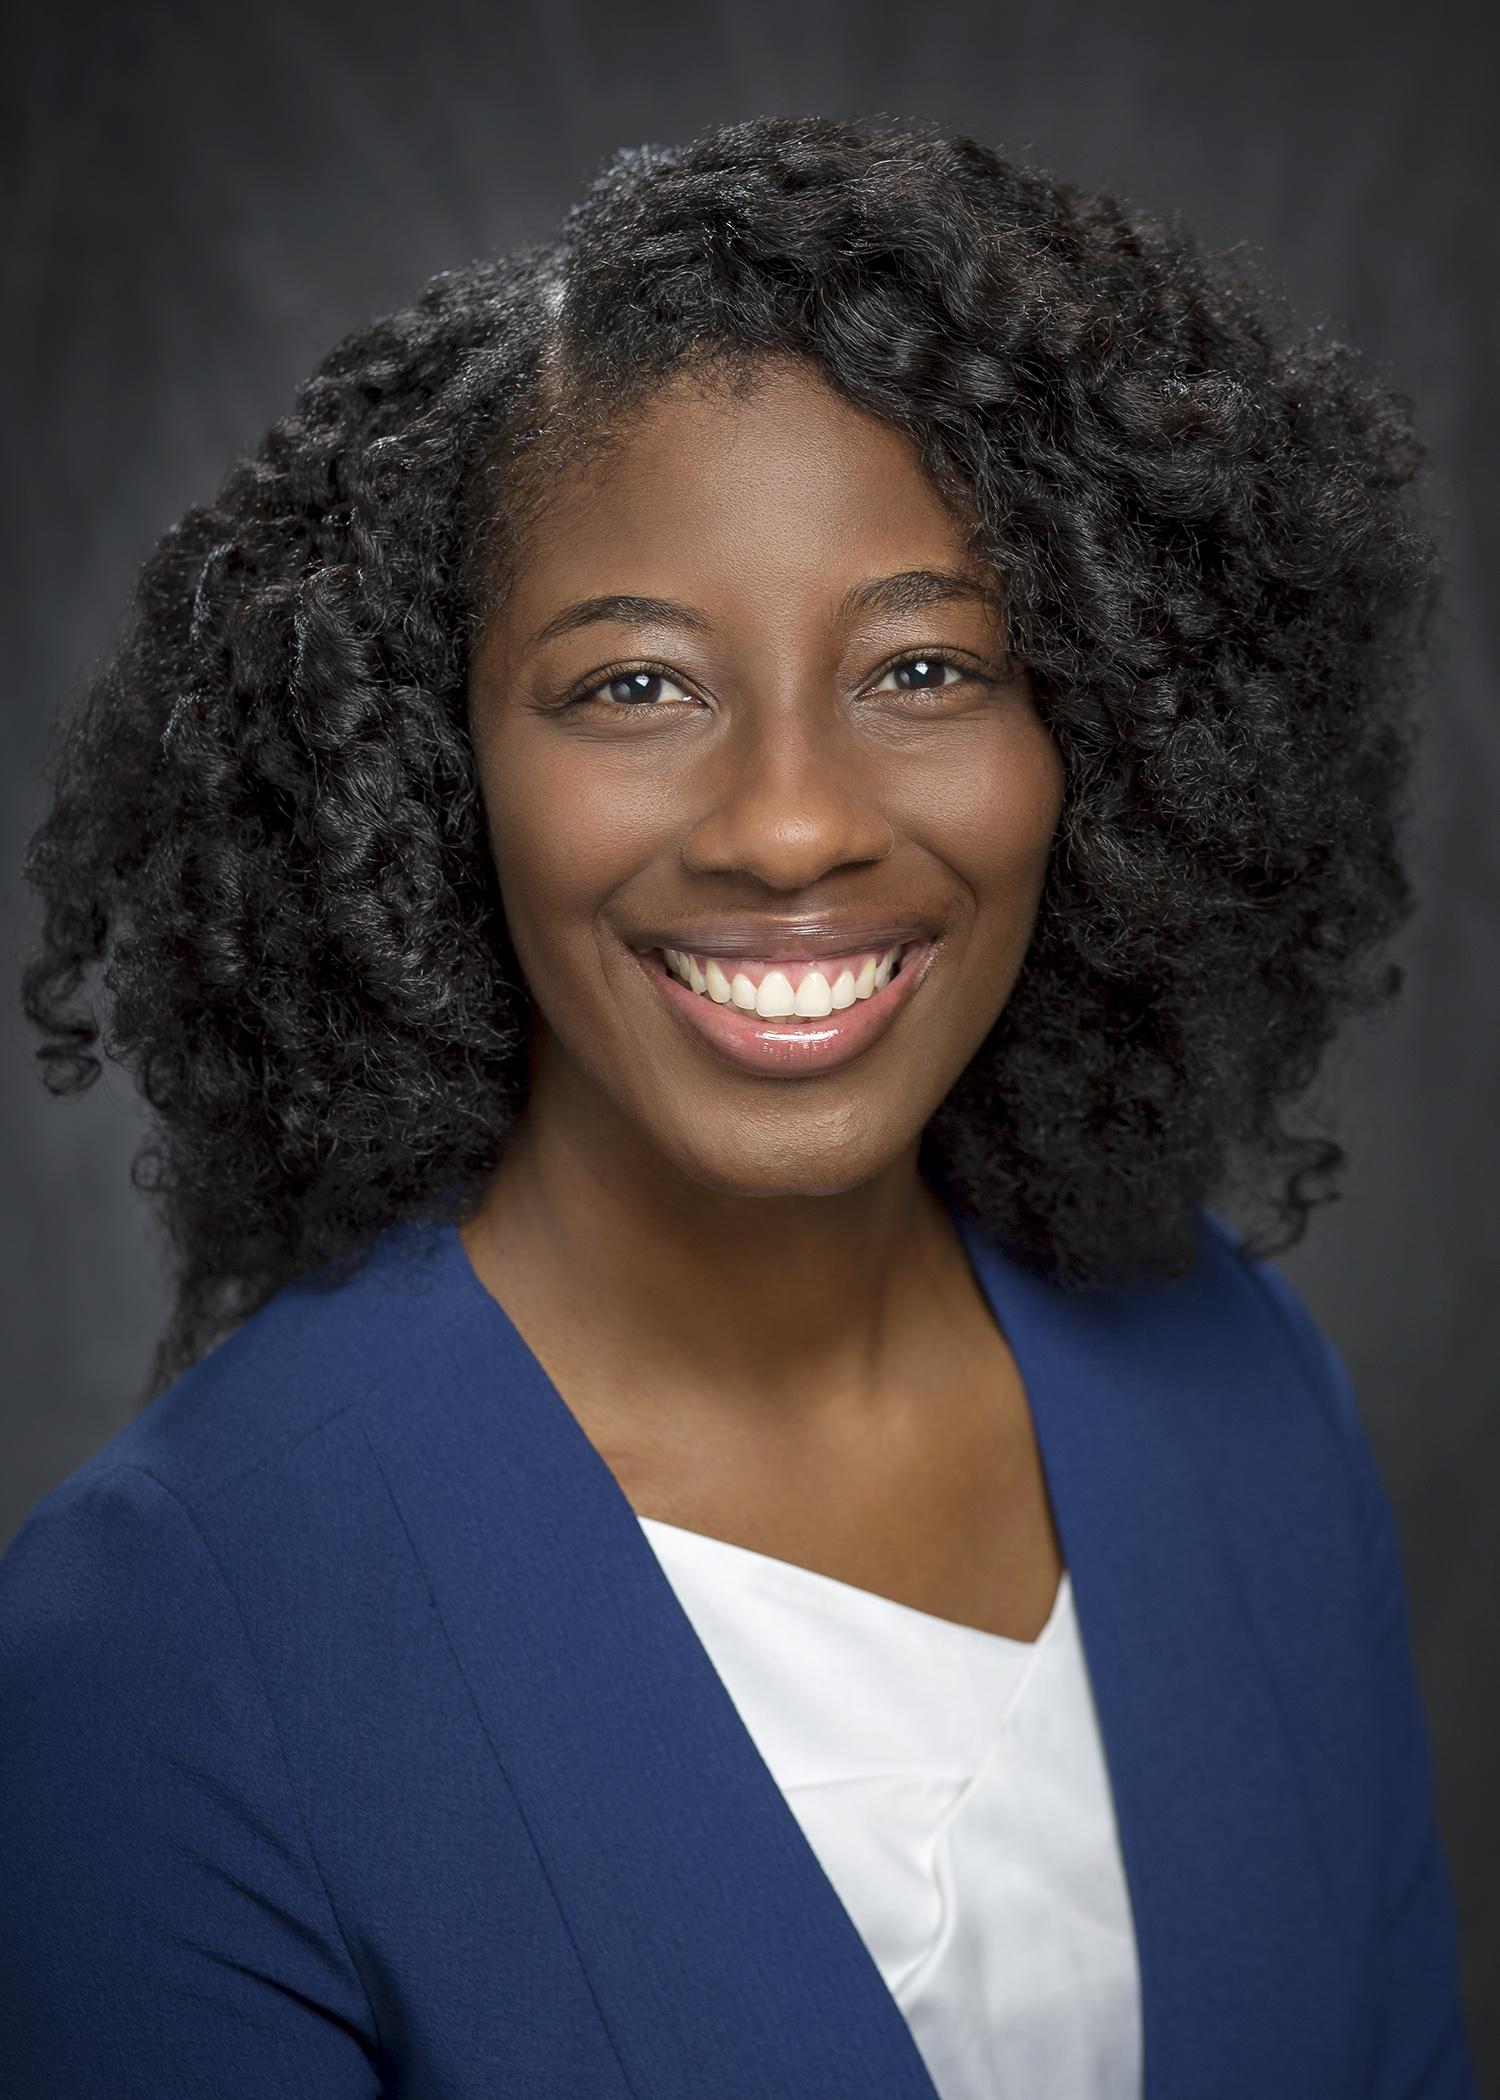 Danielle Eugene